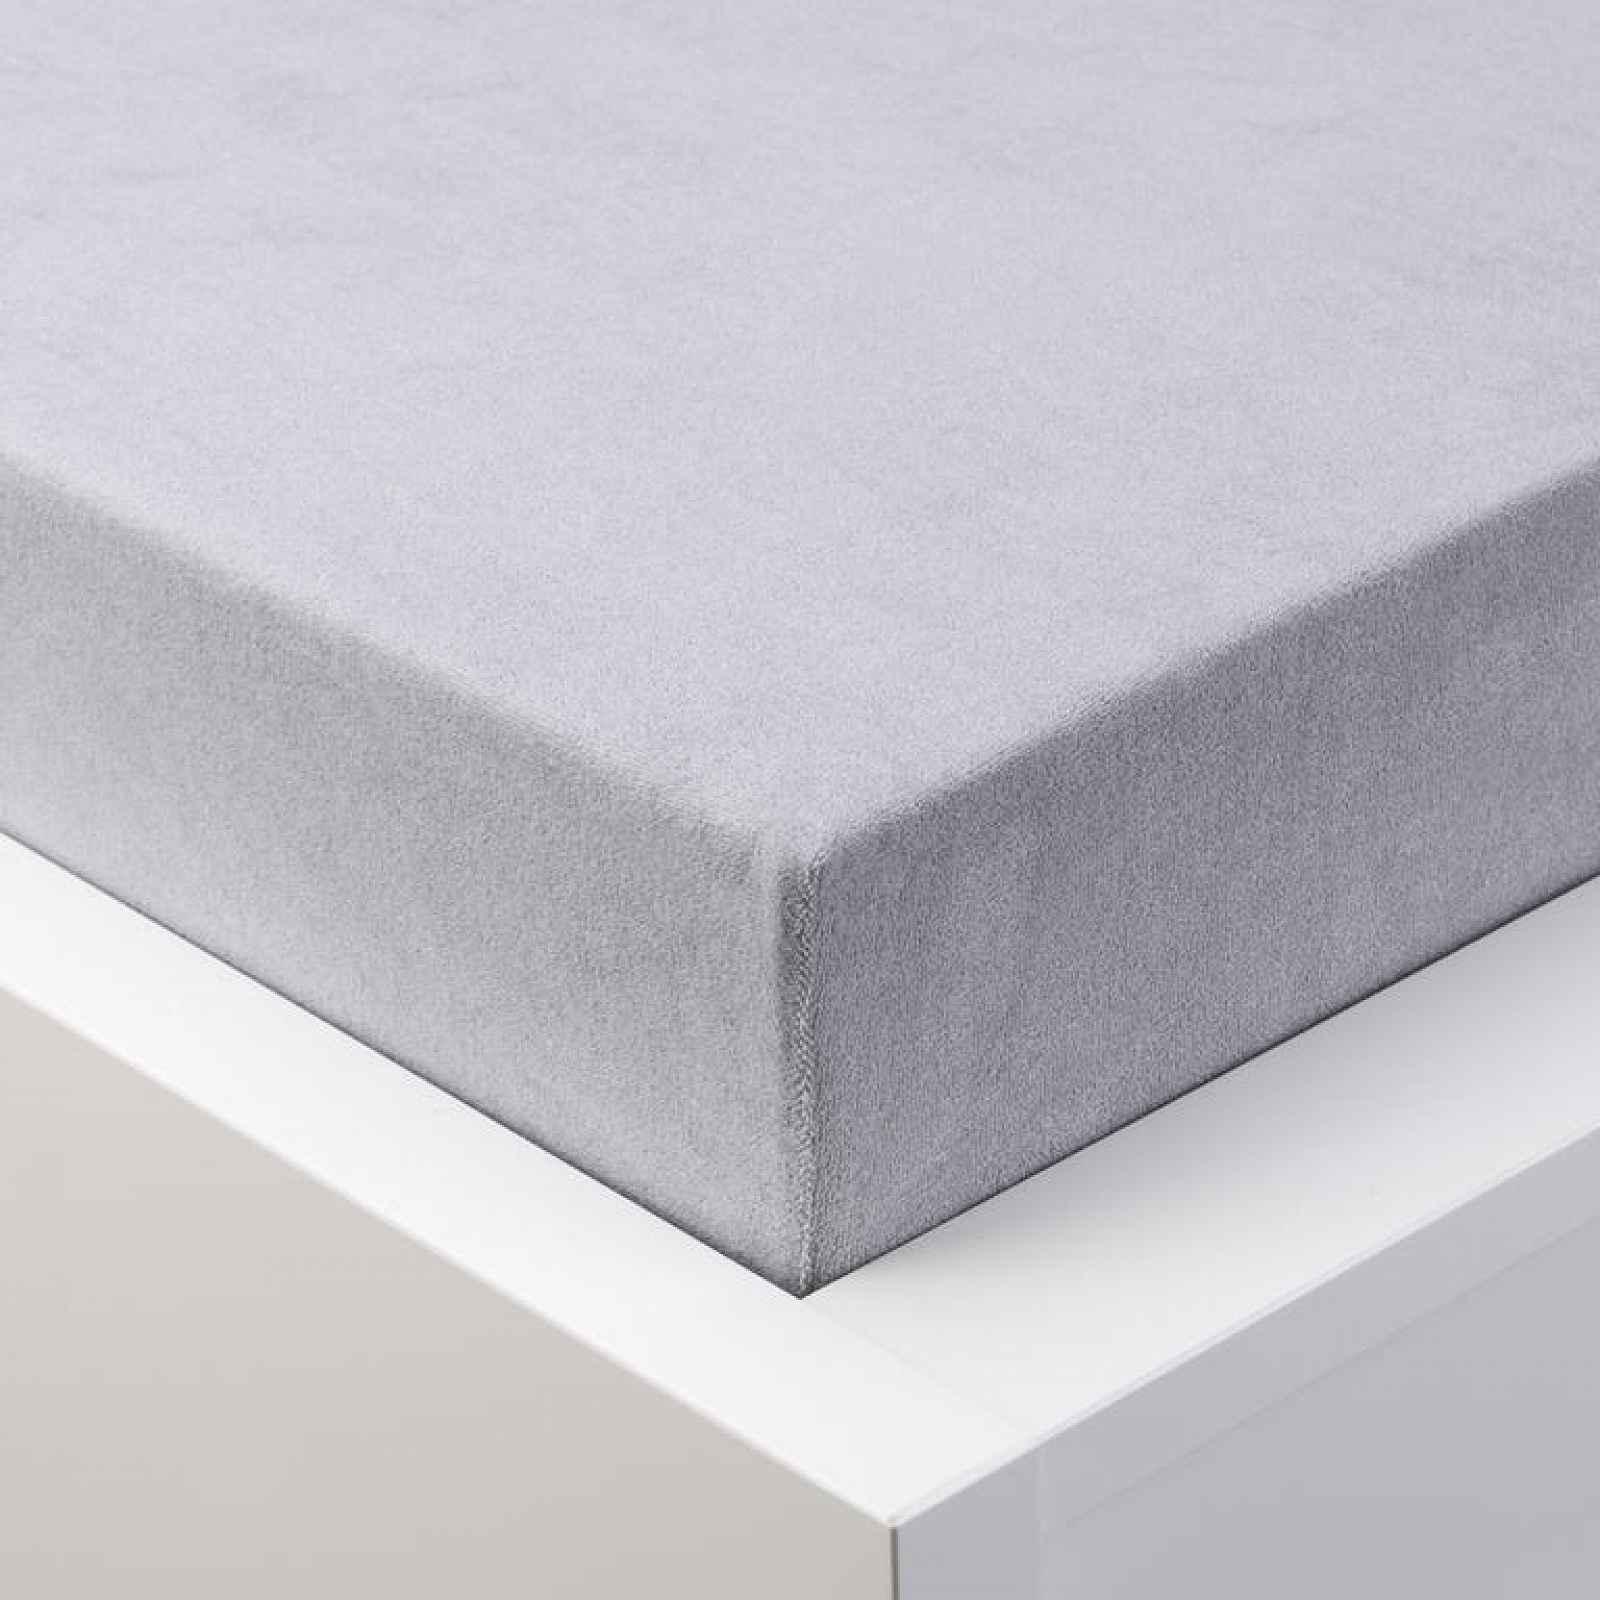 Hermann Cotton Napínací prostěradlo froté EXCLUSIVE šedé 180 x 200 cm